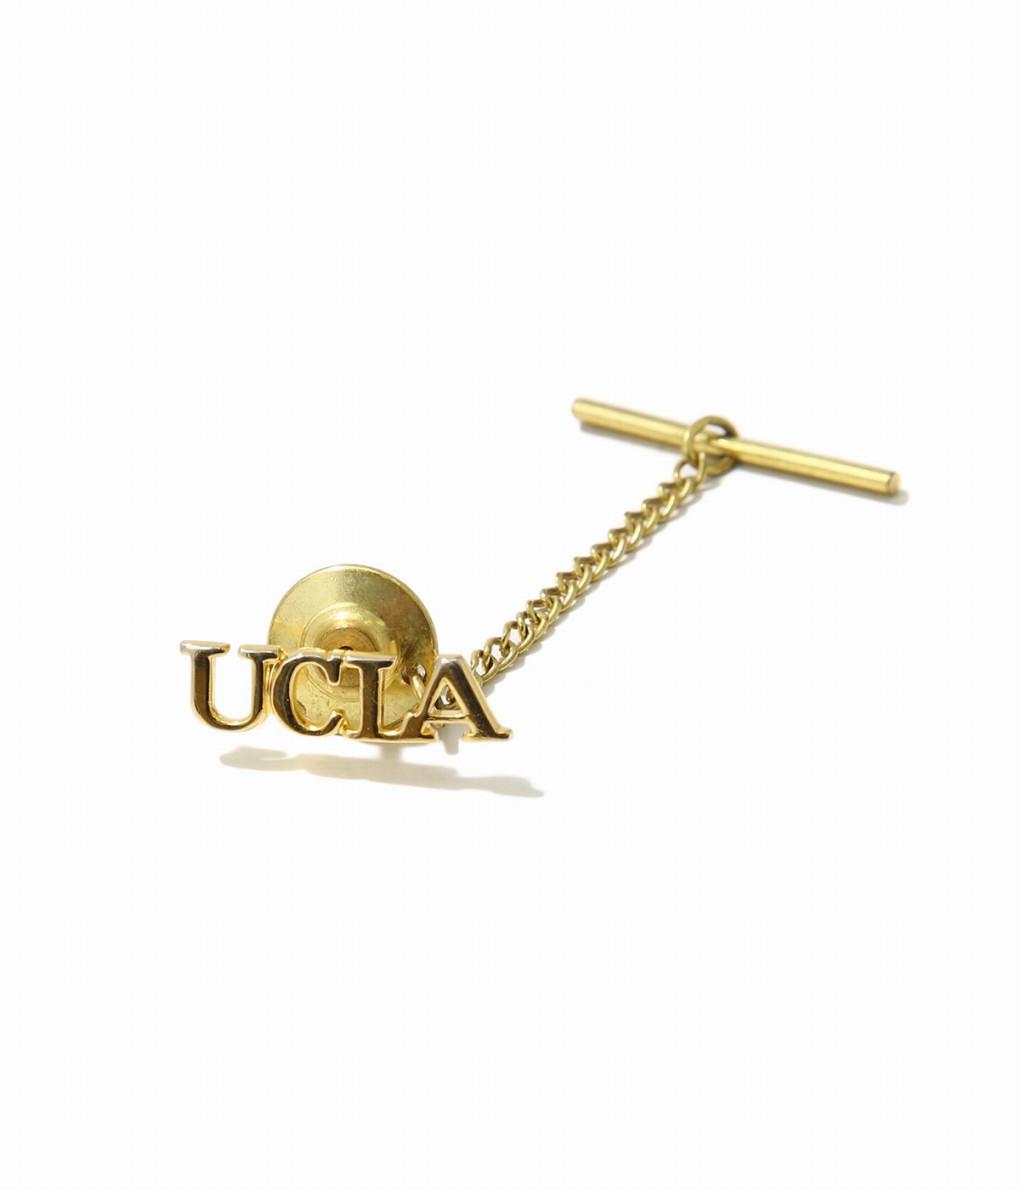 【期間限定送料無料!】VINTAGE / ヴィンテージ : VINTAGE TIFFANY UCLA PIN : ヴィンテージ ティファニー アクセサリー アンティーク ピン ギフト プレゼント ラッピング可能 クリスマス : VT-TF-UCLA-PIN-D【VIN】